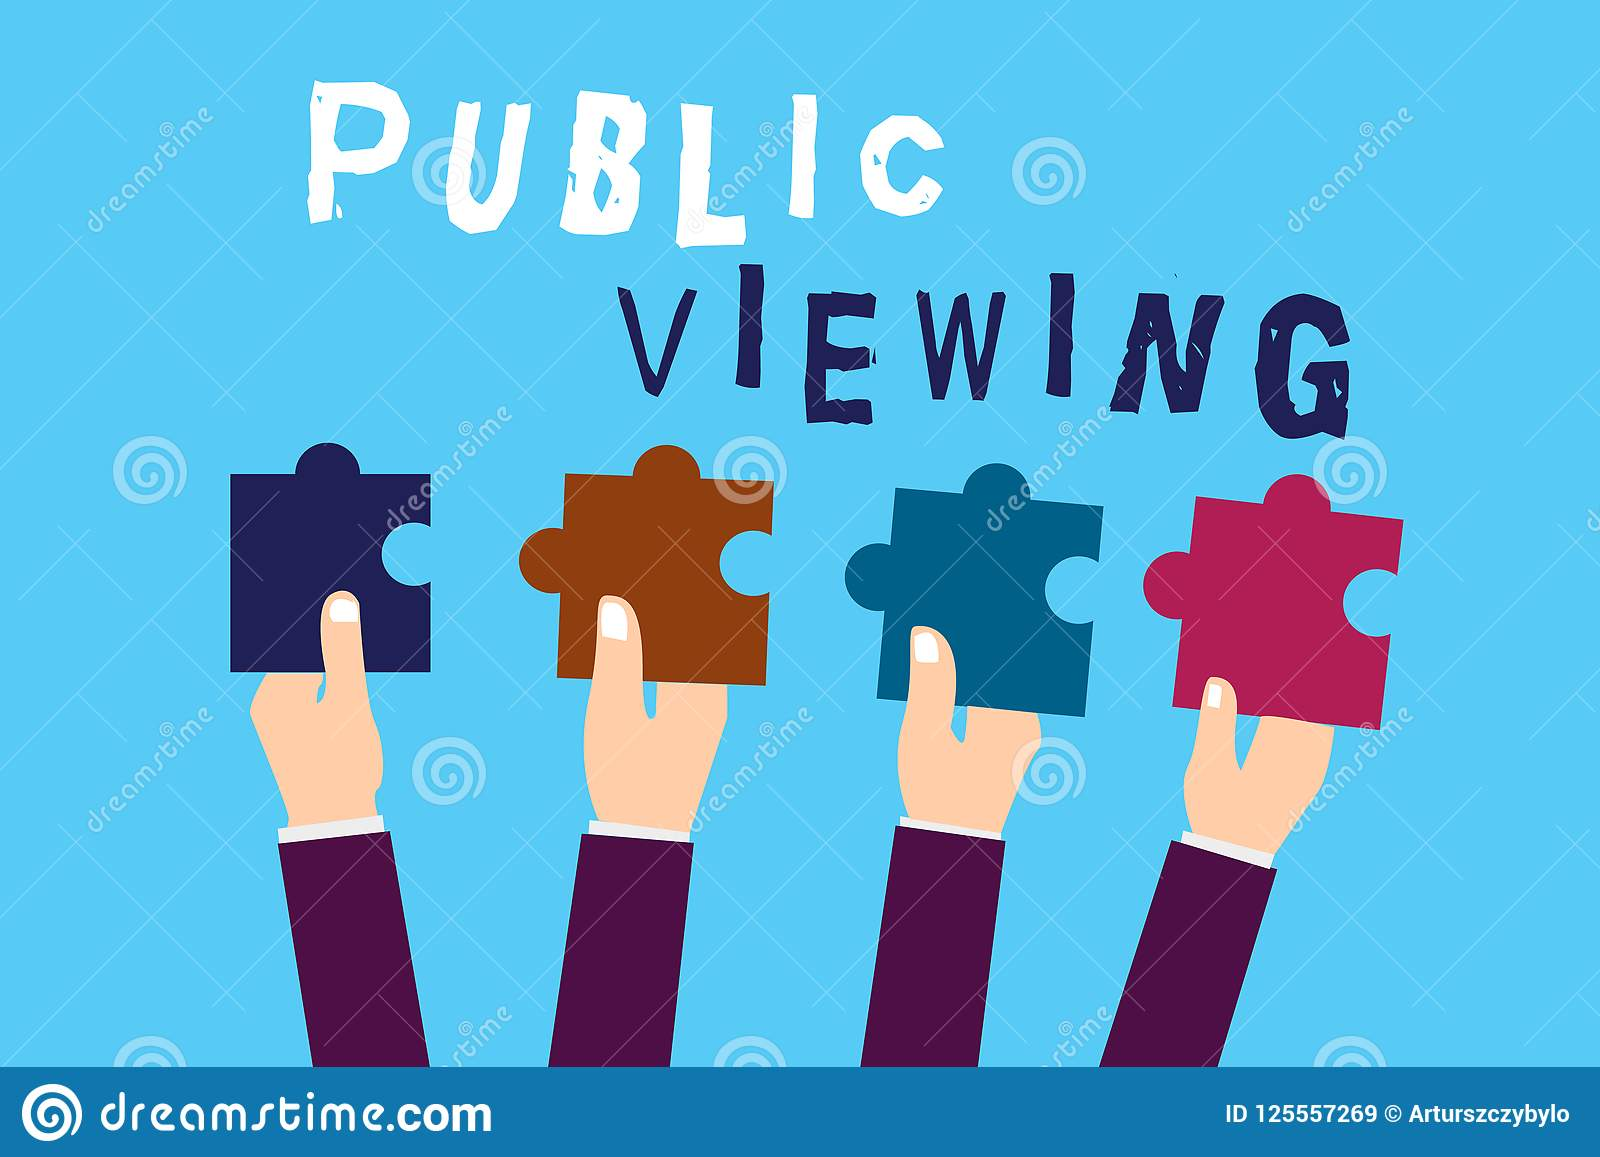 Muestra del texto que muestra la visión pública Foto conceptual capaz de ser visto o de ser sabido por todo el mundo abierto a la